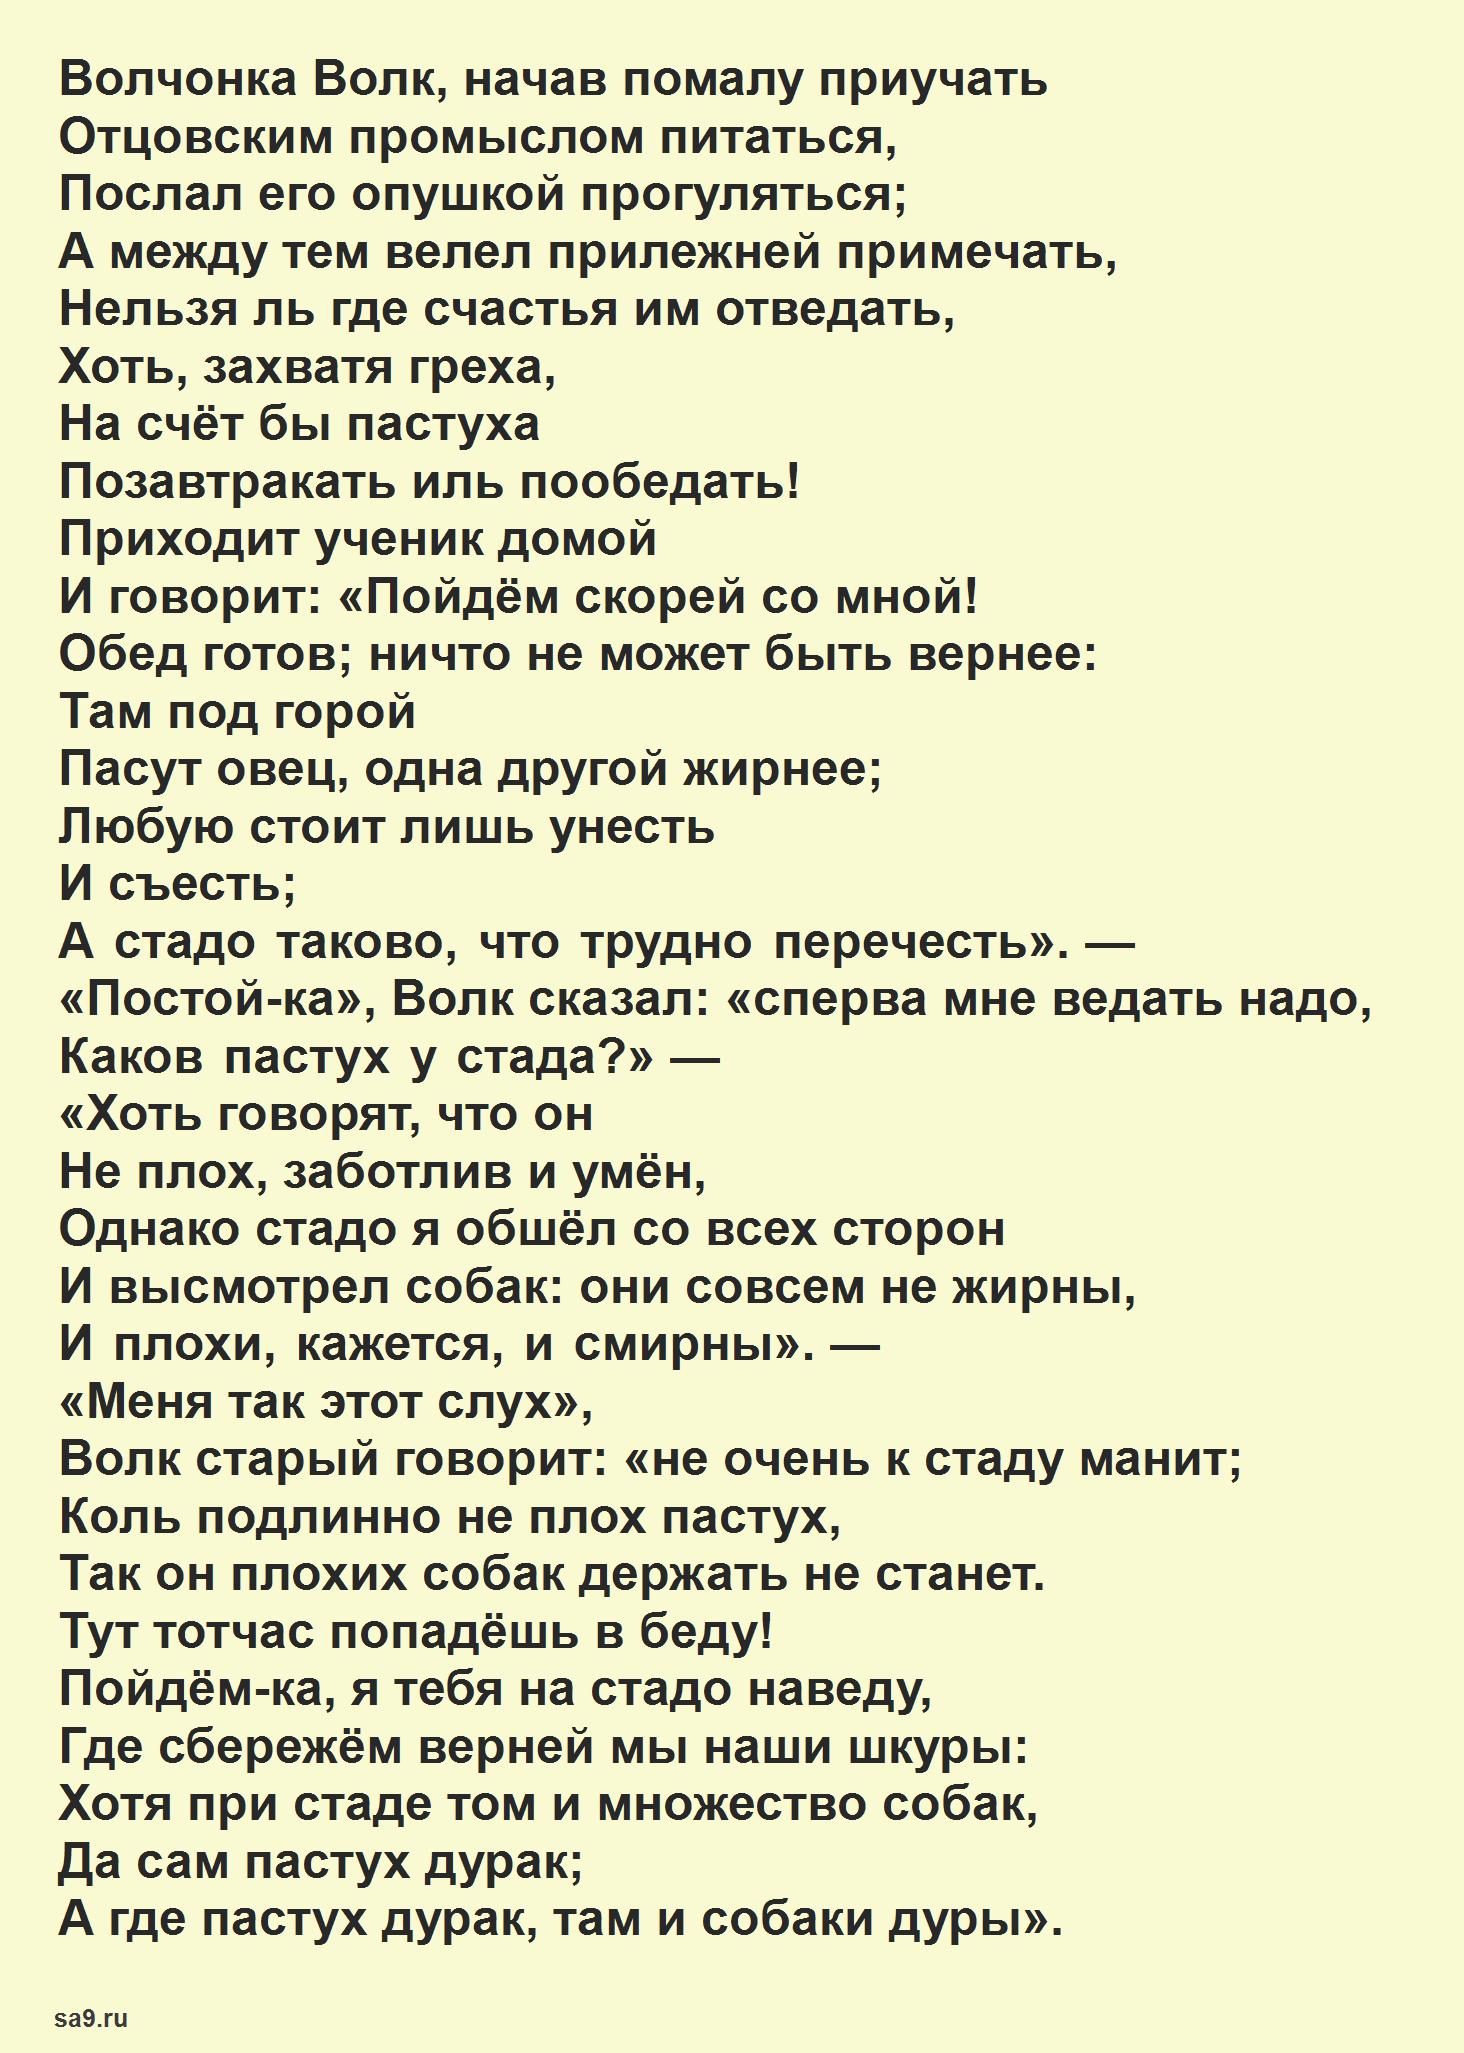 Басня Крылова 'Волк и волчок', текст басни читать полностью